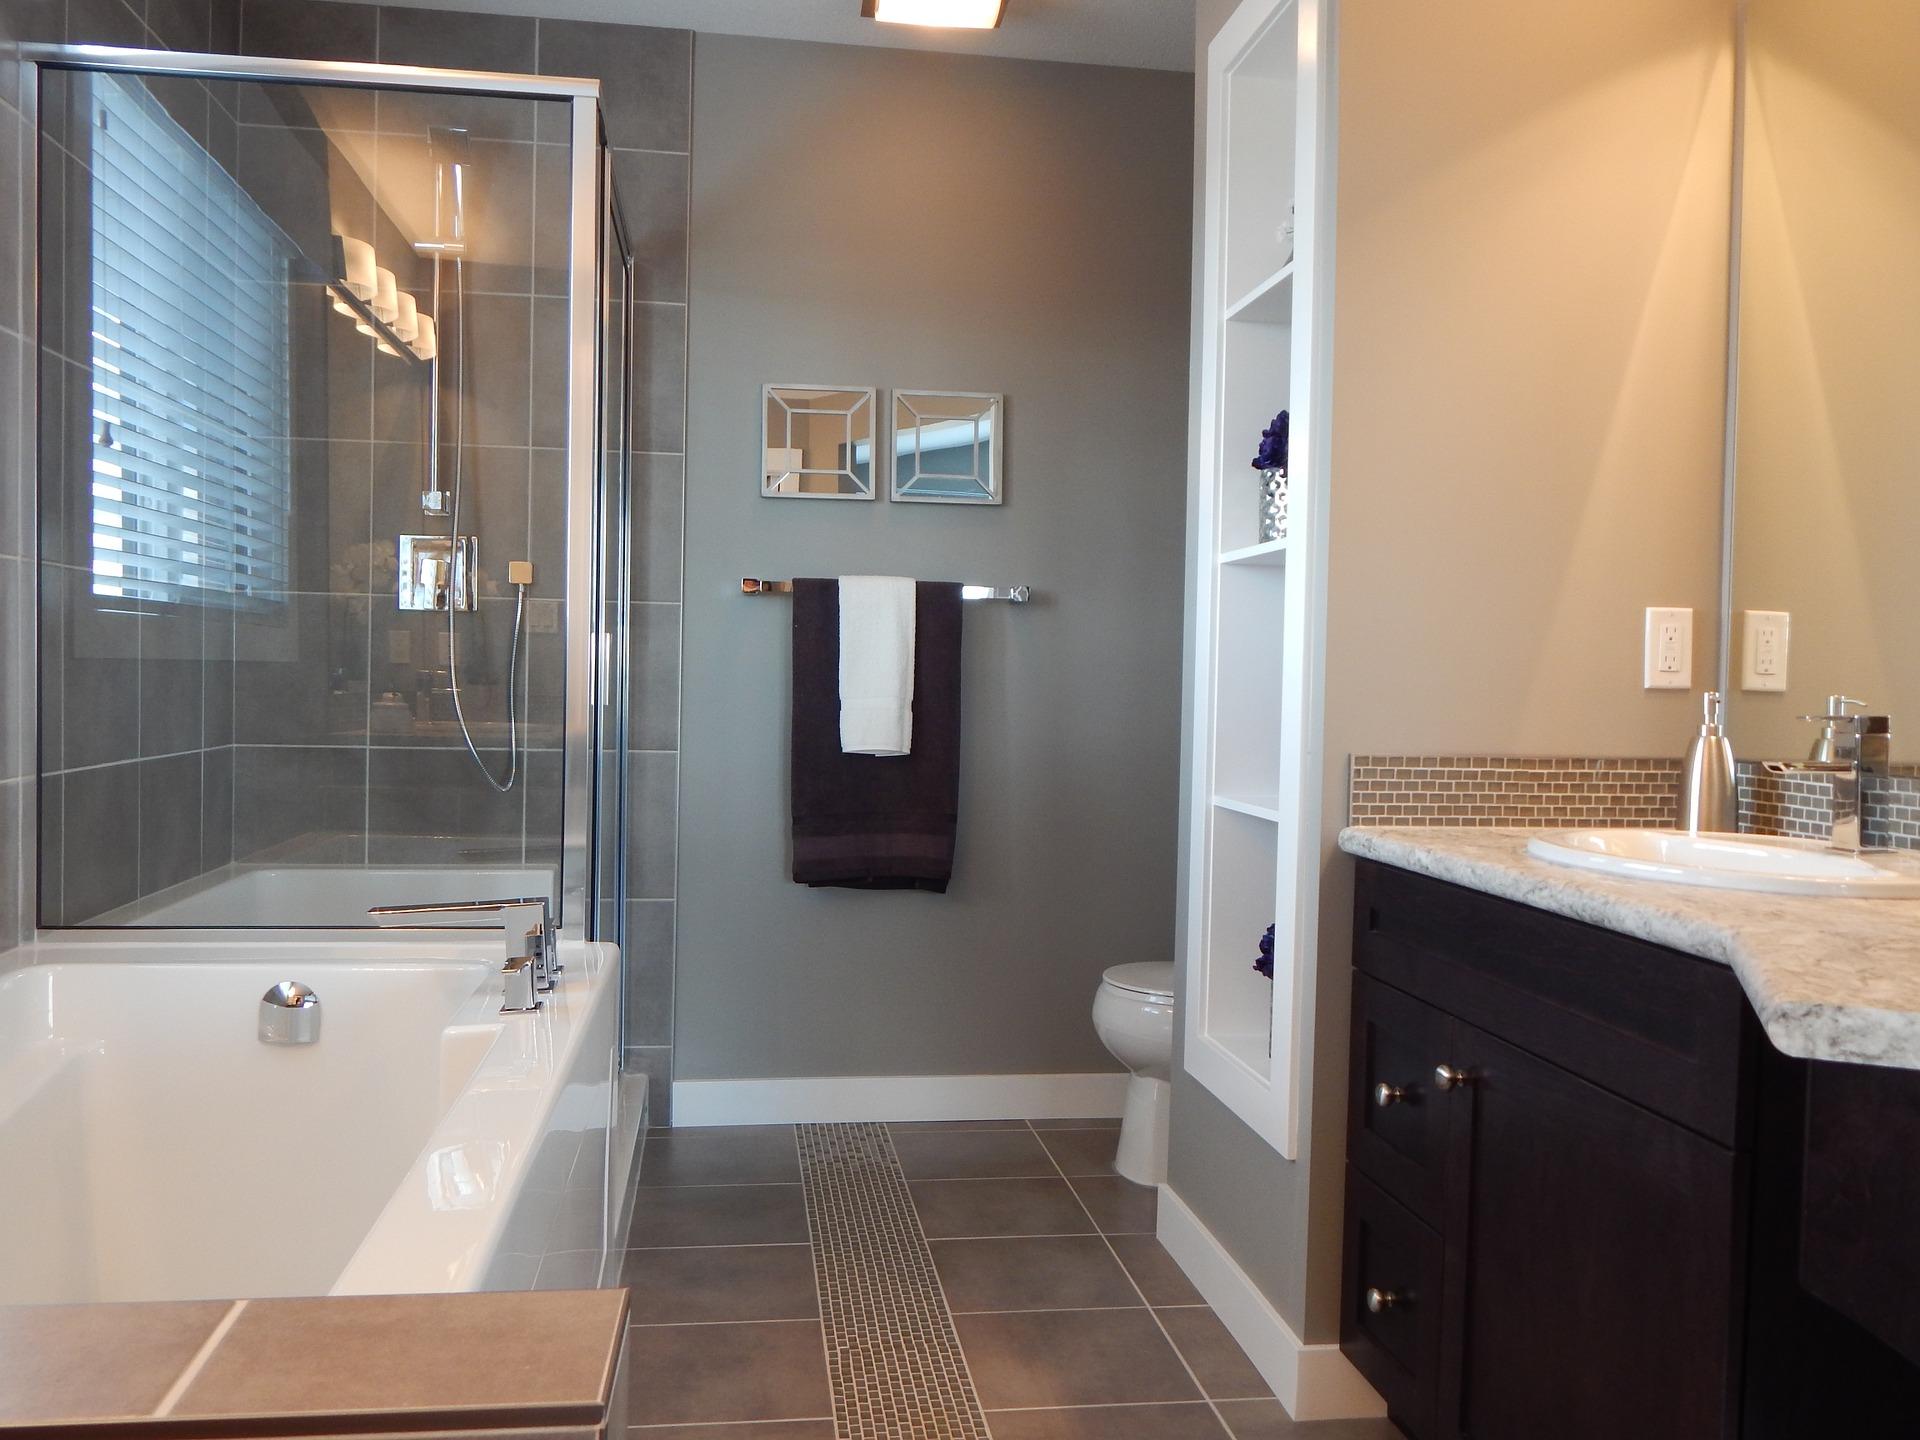 badezimmer einrichtung – badzubehör, Badezimmer ideen